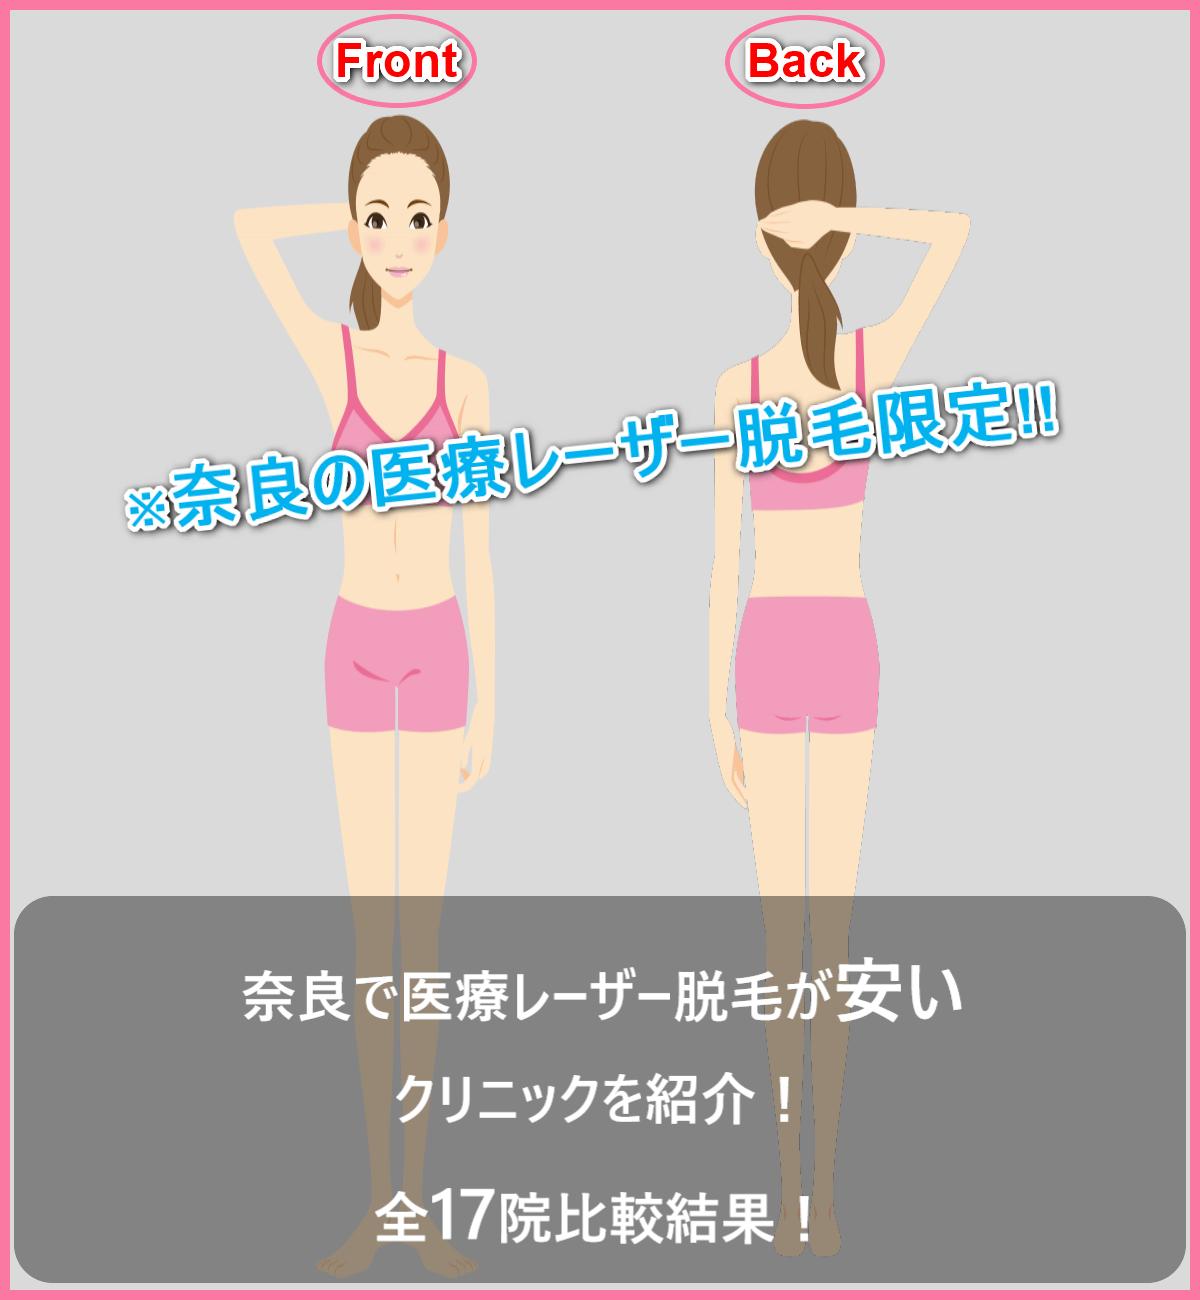 奈良で医療レーザー脱毛が安いクリニックを紹介!|全17院比較結果